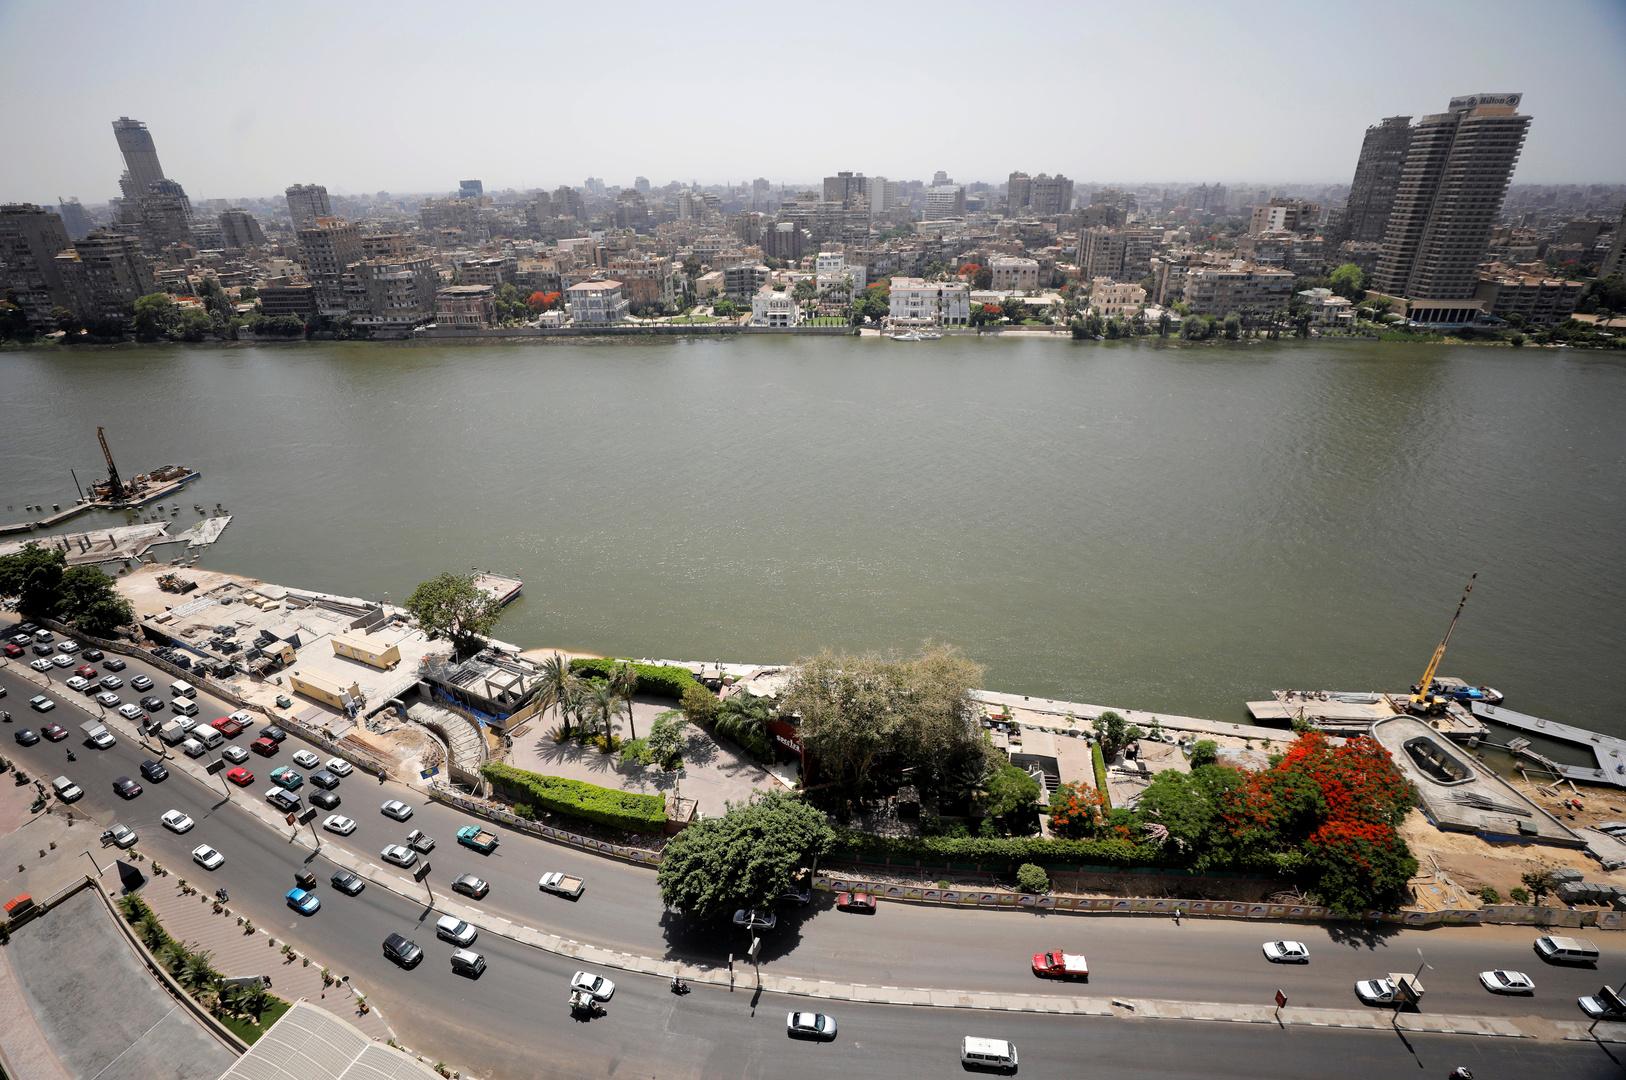 فيديو.. فنانة مصرية تعترف بحبها لداعية إسلامي بعد فترة من الشائعات